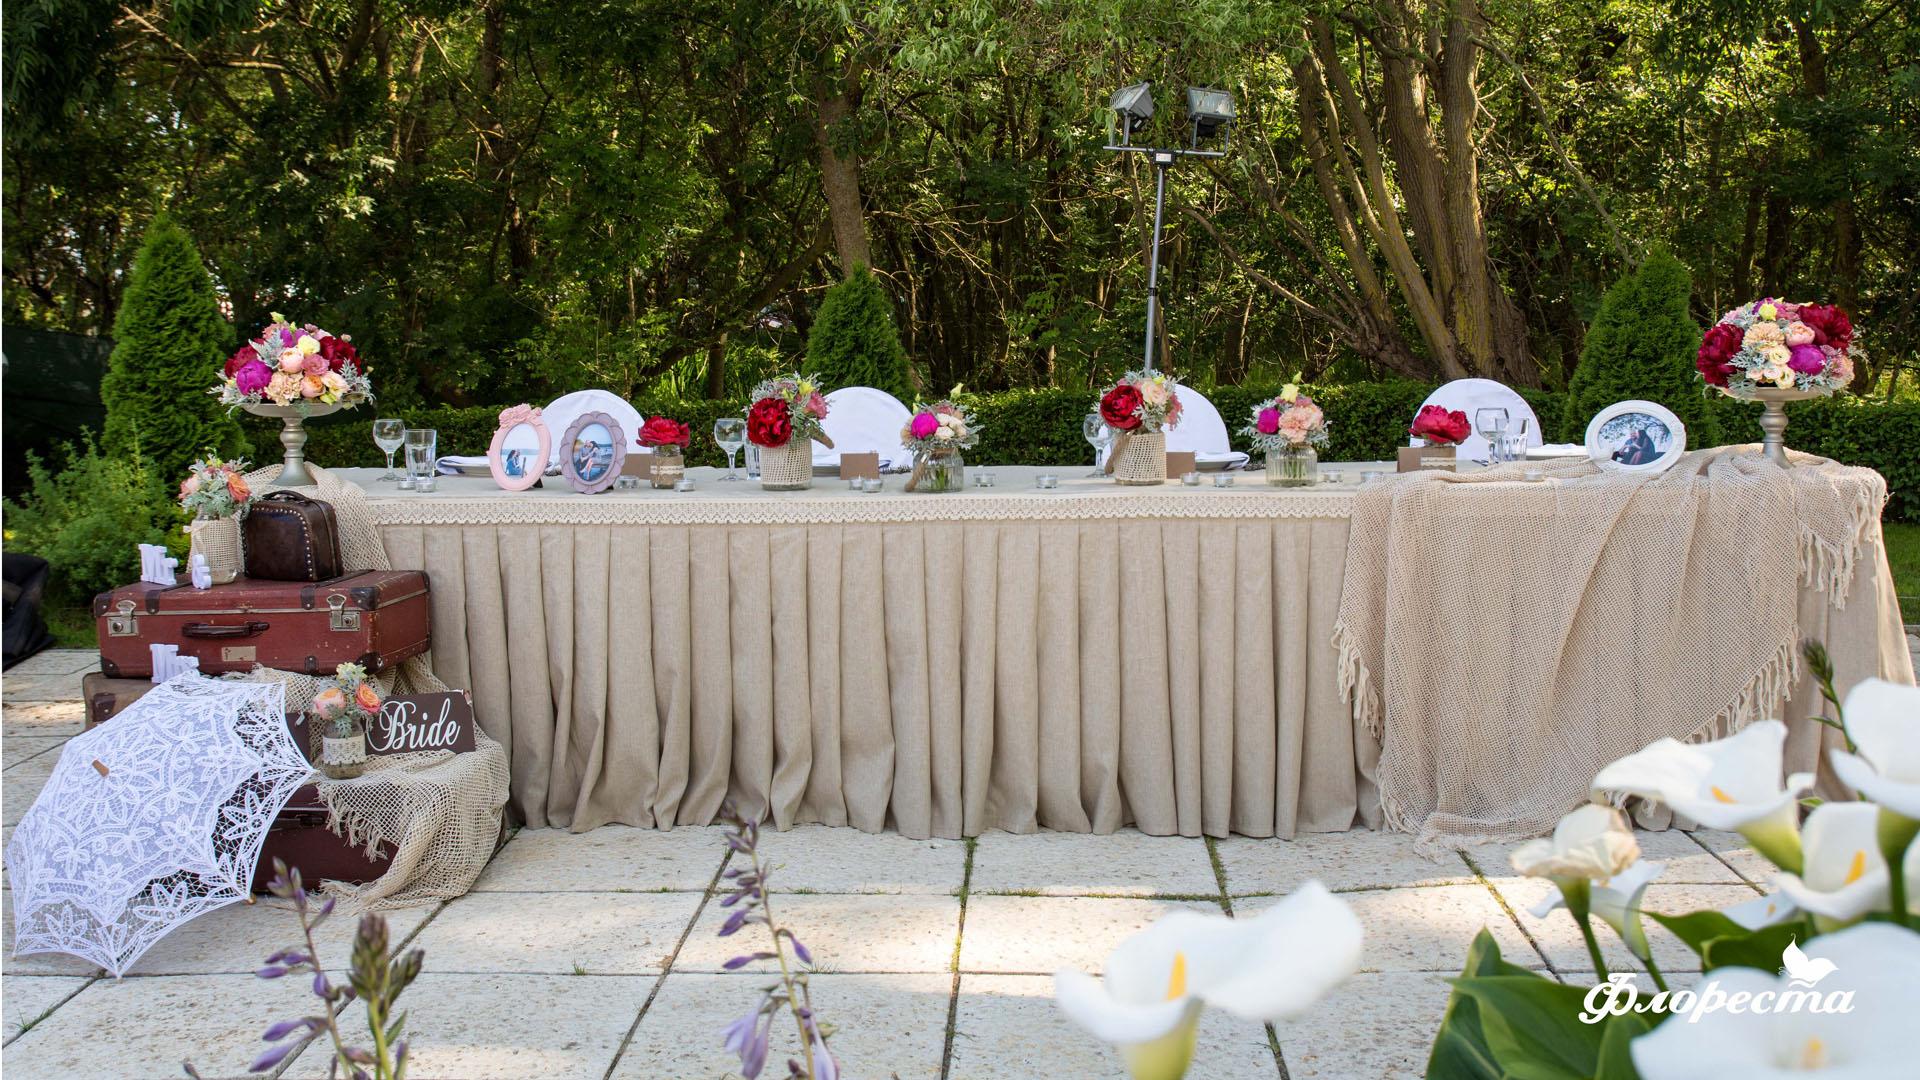 Сватбена декорация на масата за младоженците във Винтидж стил